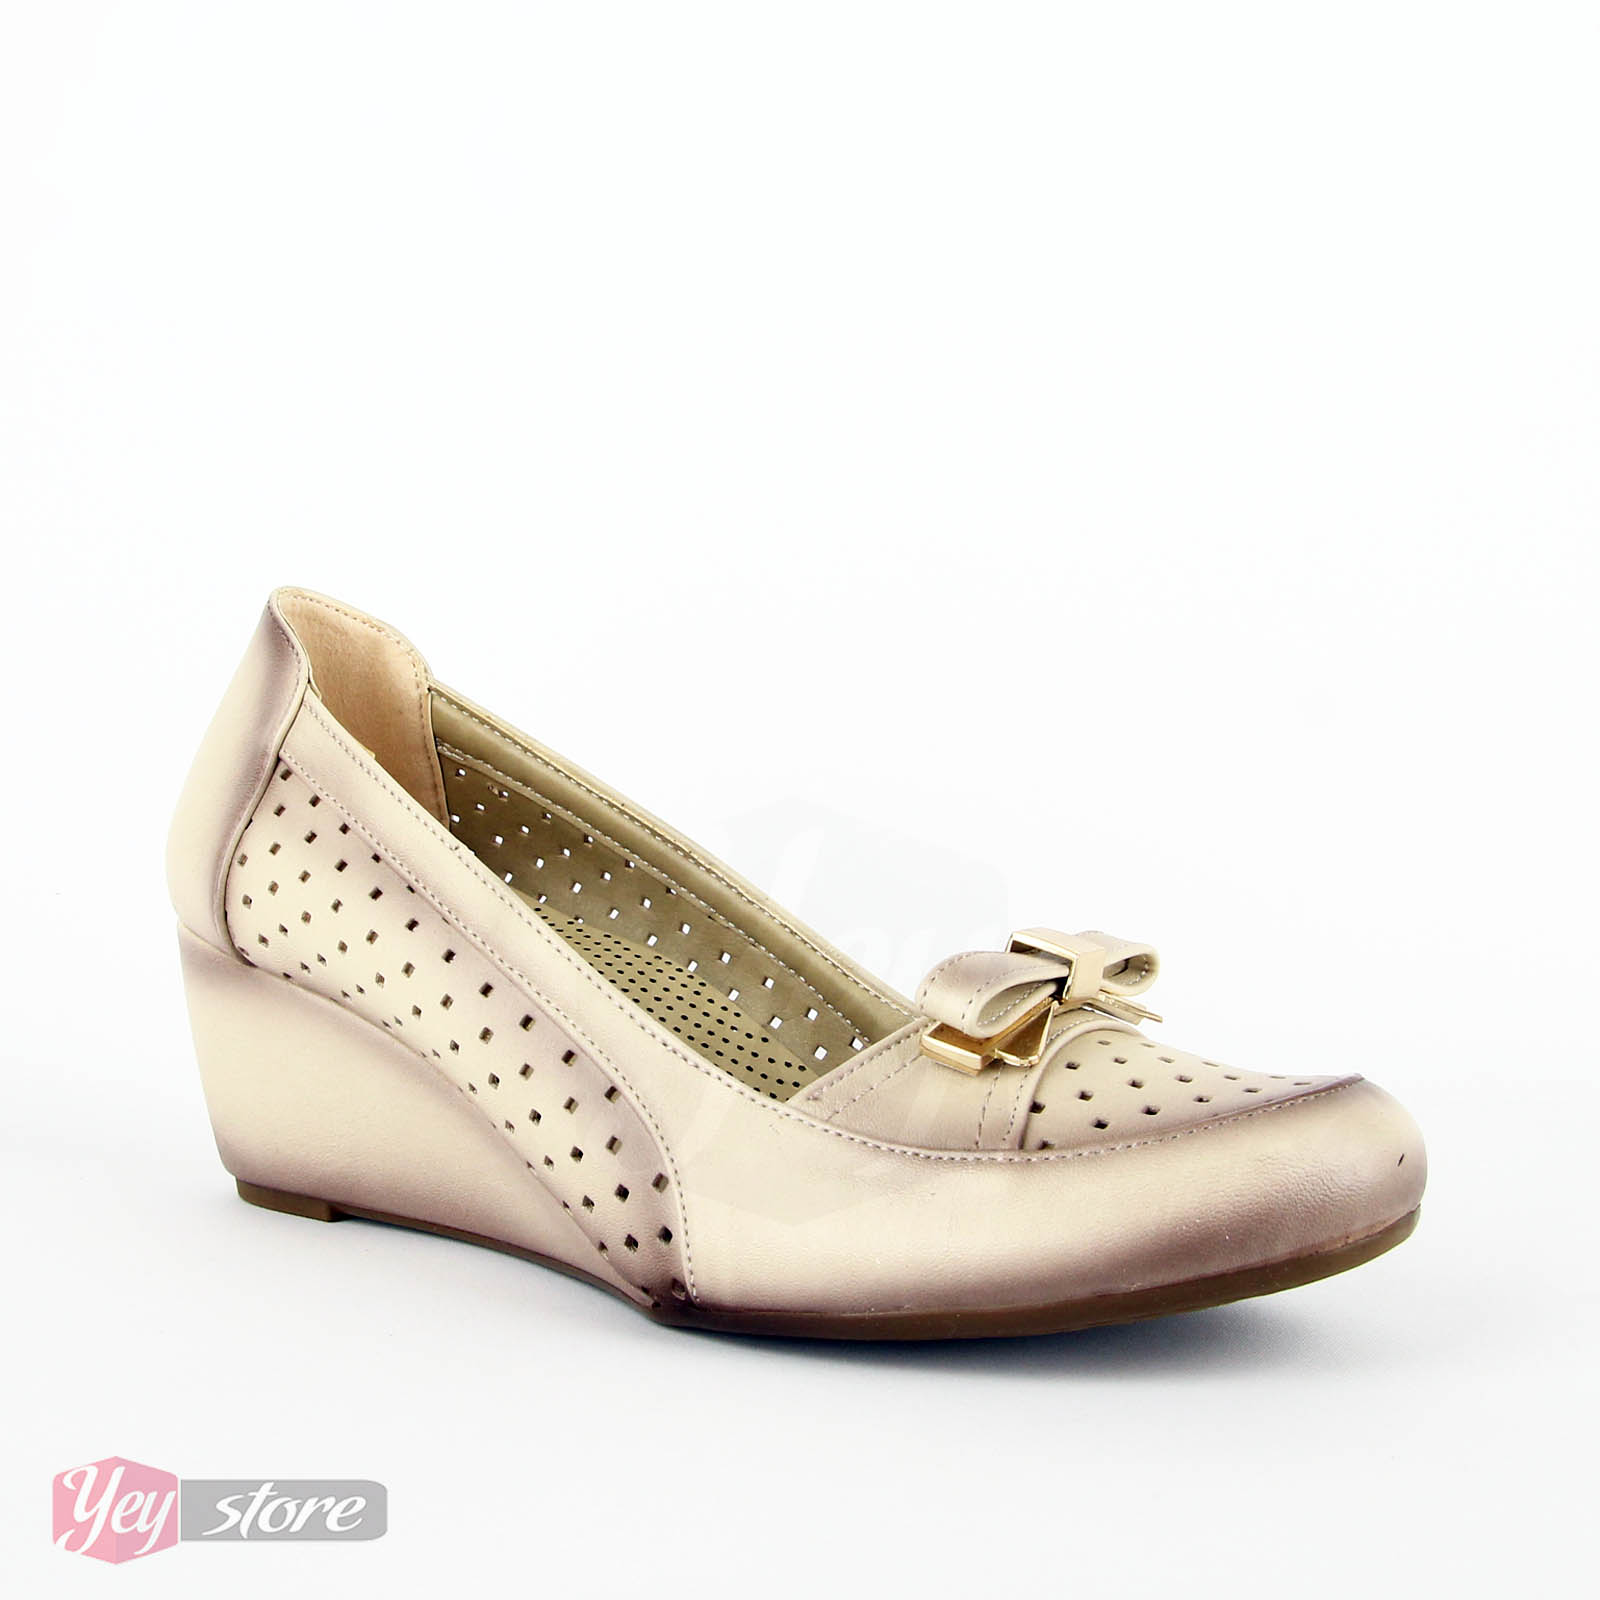 4da9b2810c1aa TOPUKLU AYAKKABI - - - - - kadın ayakkabı, bayan ayakkabı, kadın ayakkabı  modelleri, bayan ayakkabı markaları, bayan ayakkabı modelleri, erkek  ayakkabı, ...